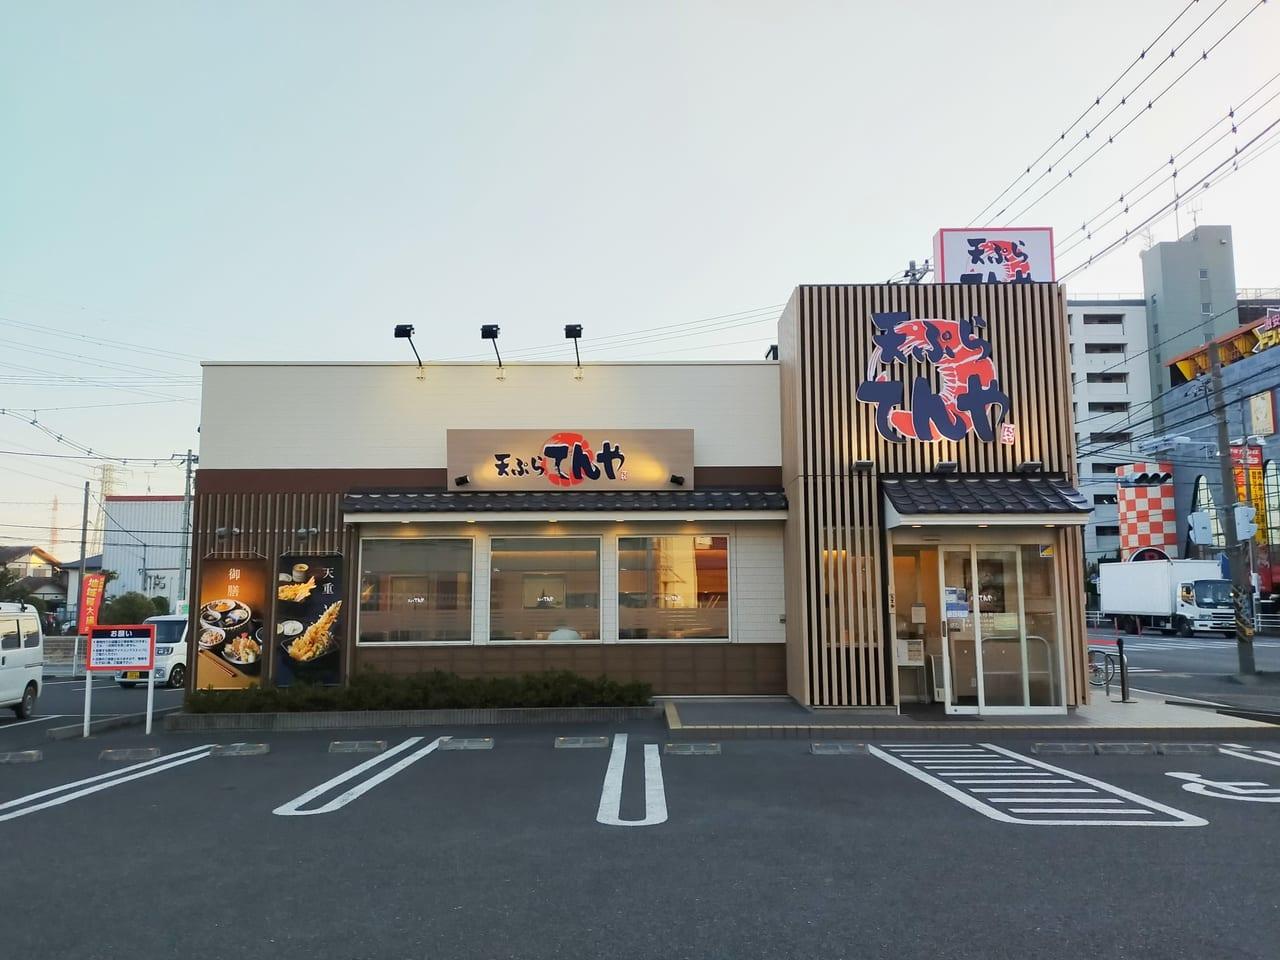 「天丼てんや平塚田村店」が「天ぷらてんや平塚田村店」にリニューアルオープン!「天ぷら御膳」などの新メニューが楽しめるお店に生まれ変わりました!